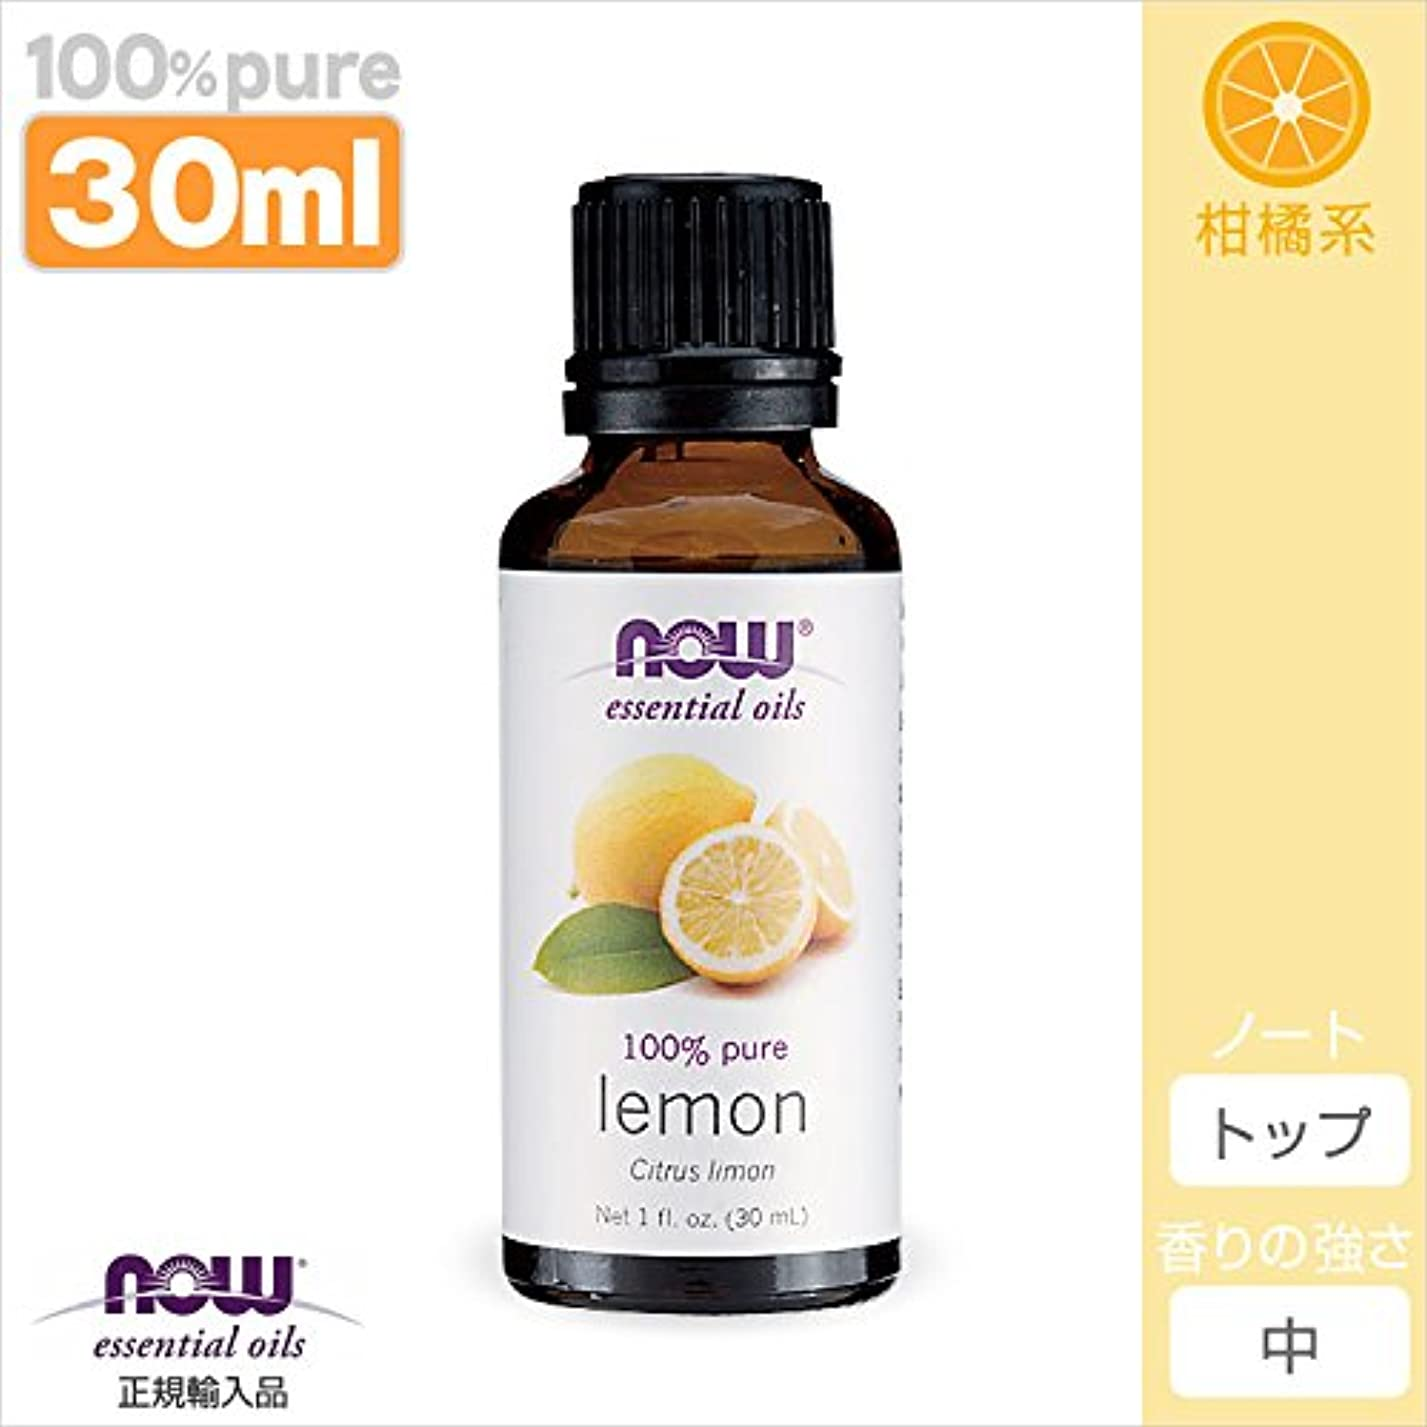 毎回ソブリケットスタウトレモン 精油[30ml] 【正規輸入品】 NOWエッセンシャルオイル(アロマオイル)